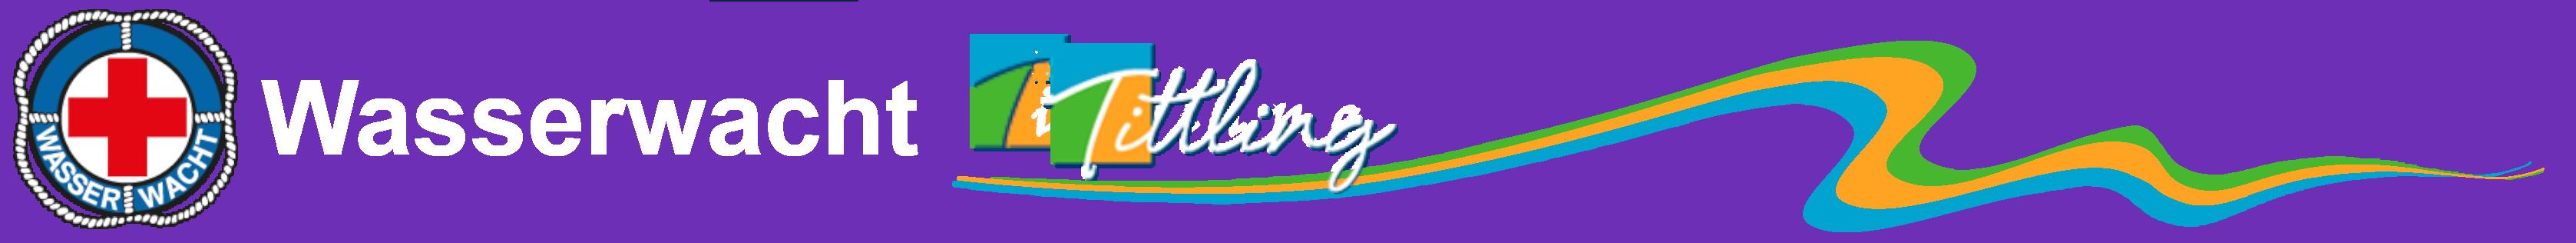 Wasserwacht Tittling